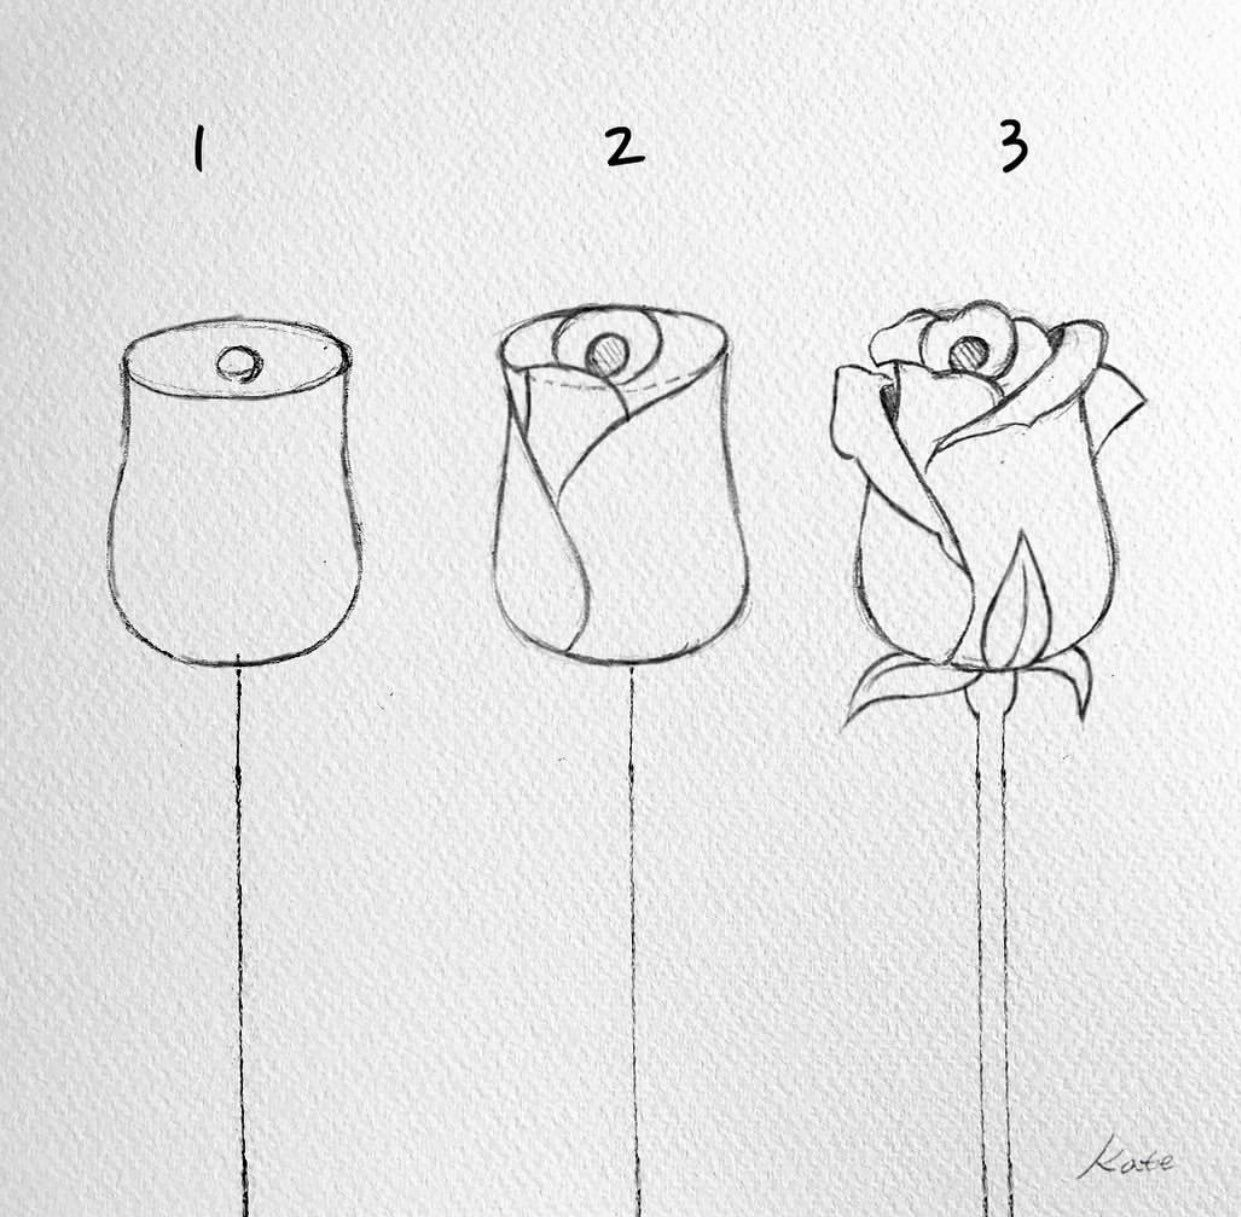 ميلورا On Twitter Blumen Zeichnen Zeichnen Fur Anfanger Zeichnung Solch ein weihnachtsgeschenk wuerde jeder frau gut gefallen. ميلورا on twitter blumen zeichnen